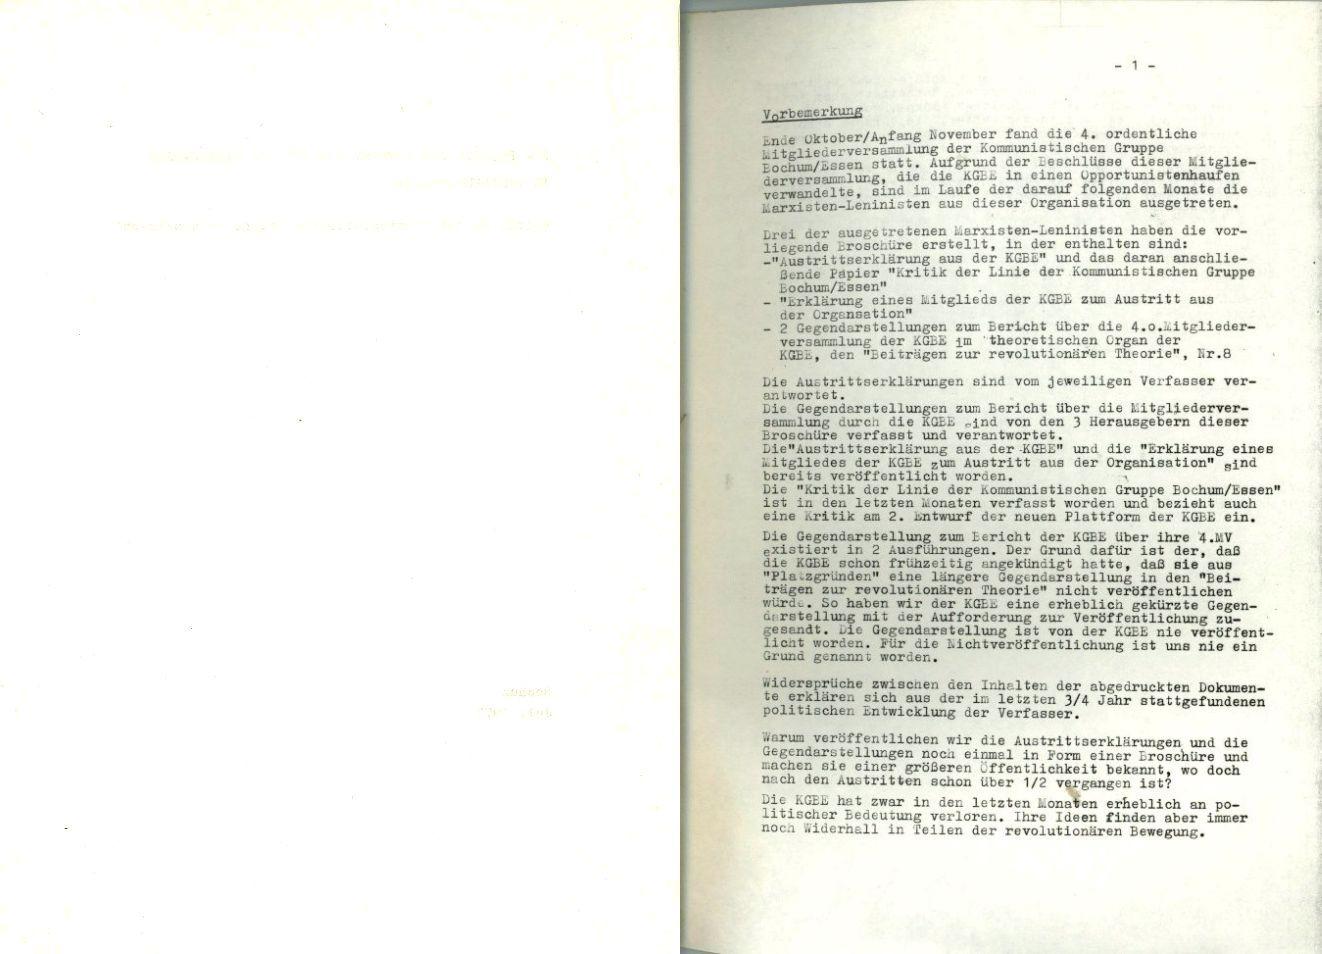 KGBE_Ehemalige_1977_Kritik_an_der_KGBE_04